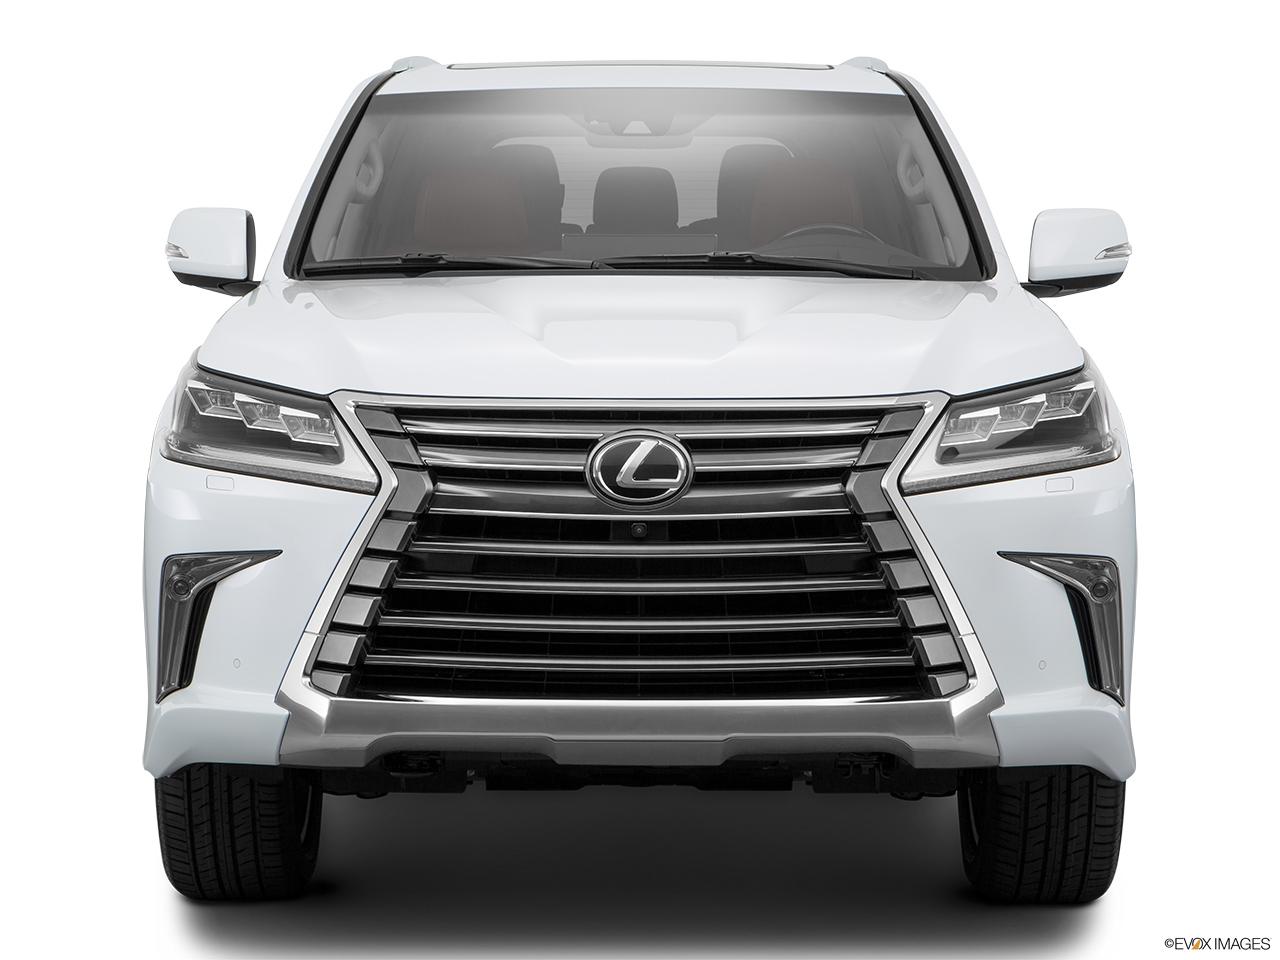 Lexus lx 2017 570 premier united arab emirates low wide front